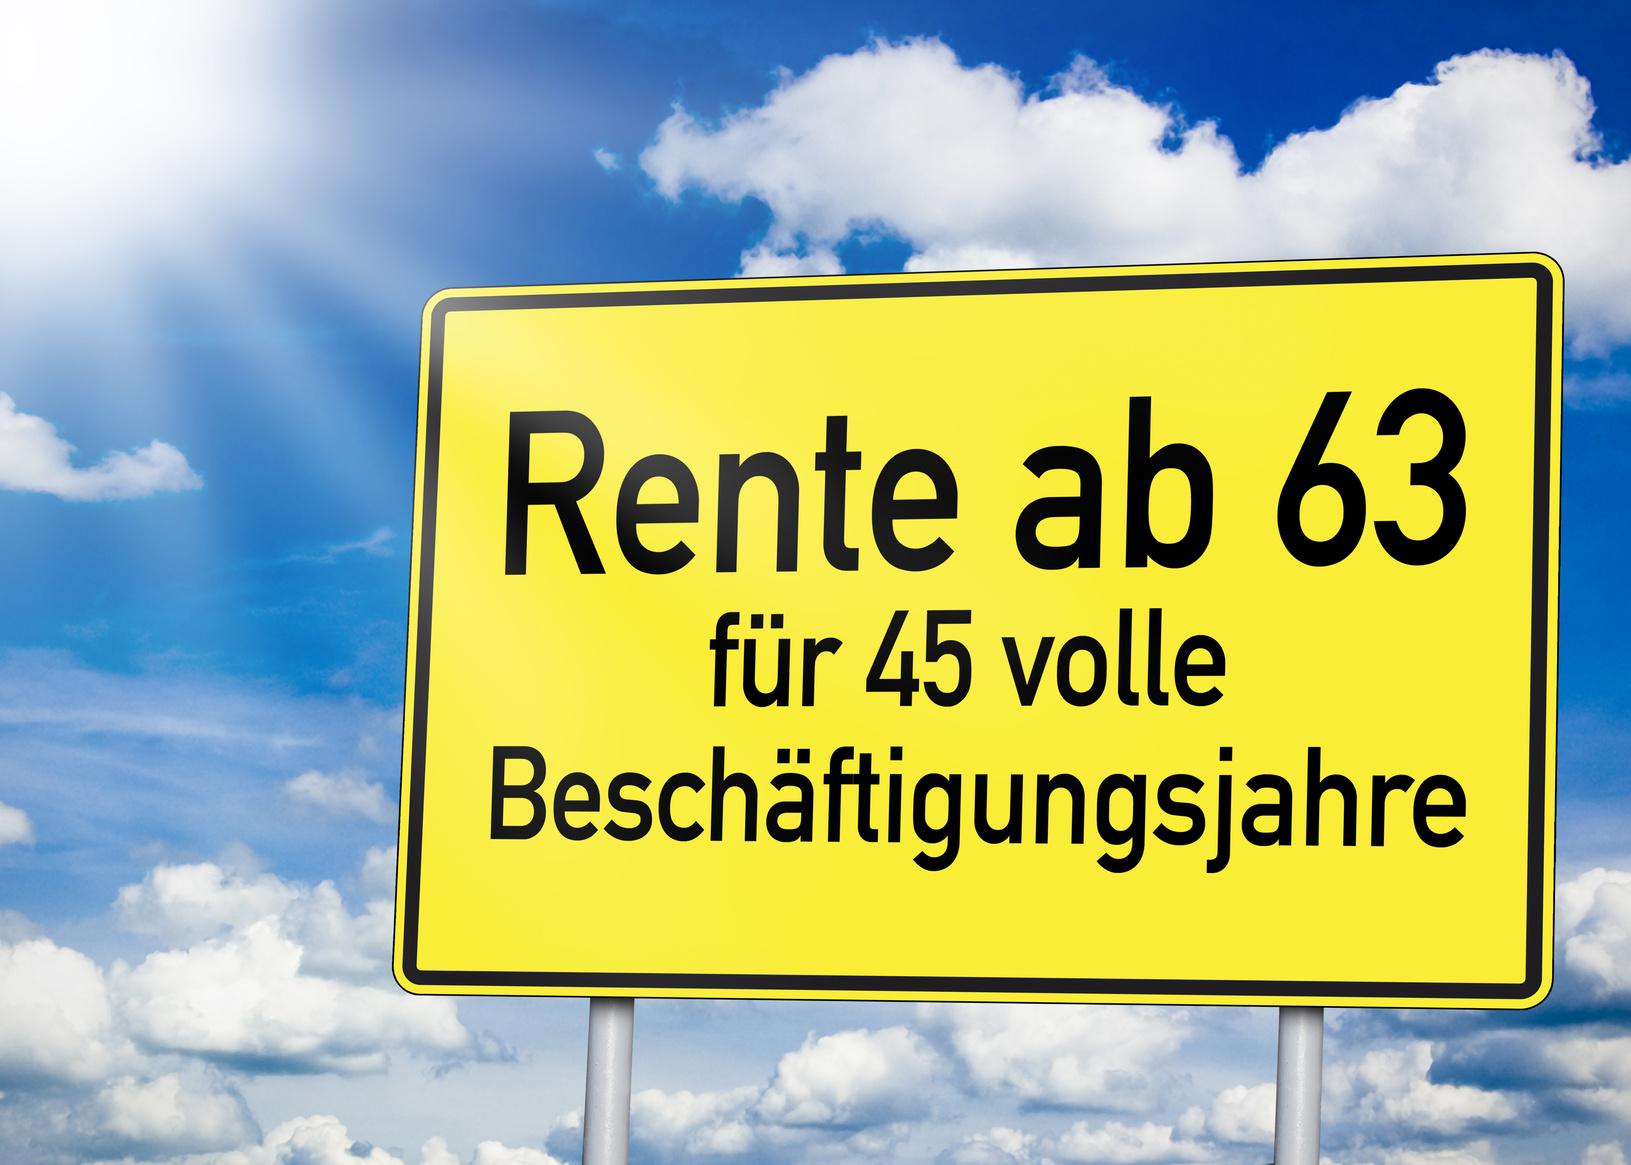 Rente mit 63 - Auswirkungen auf den Arbeitsmarkt